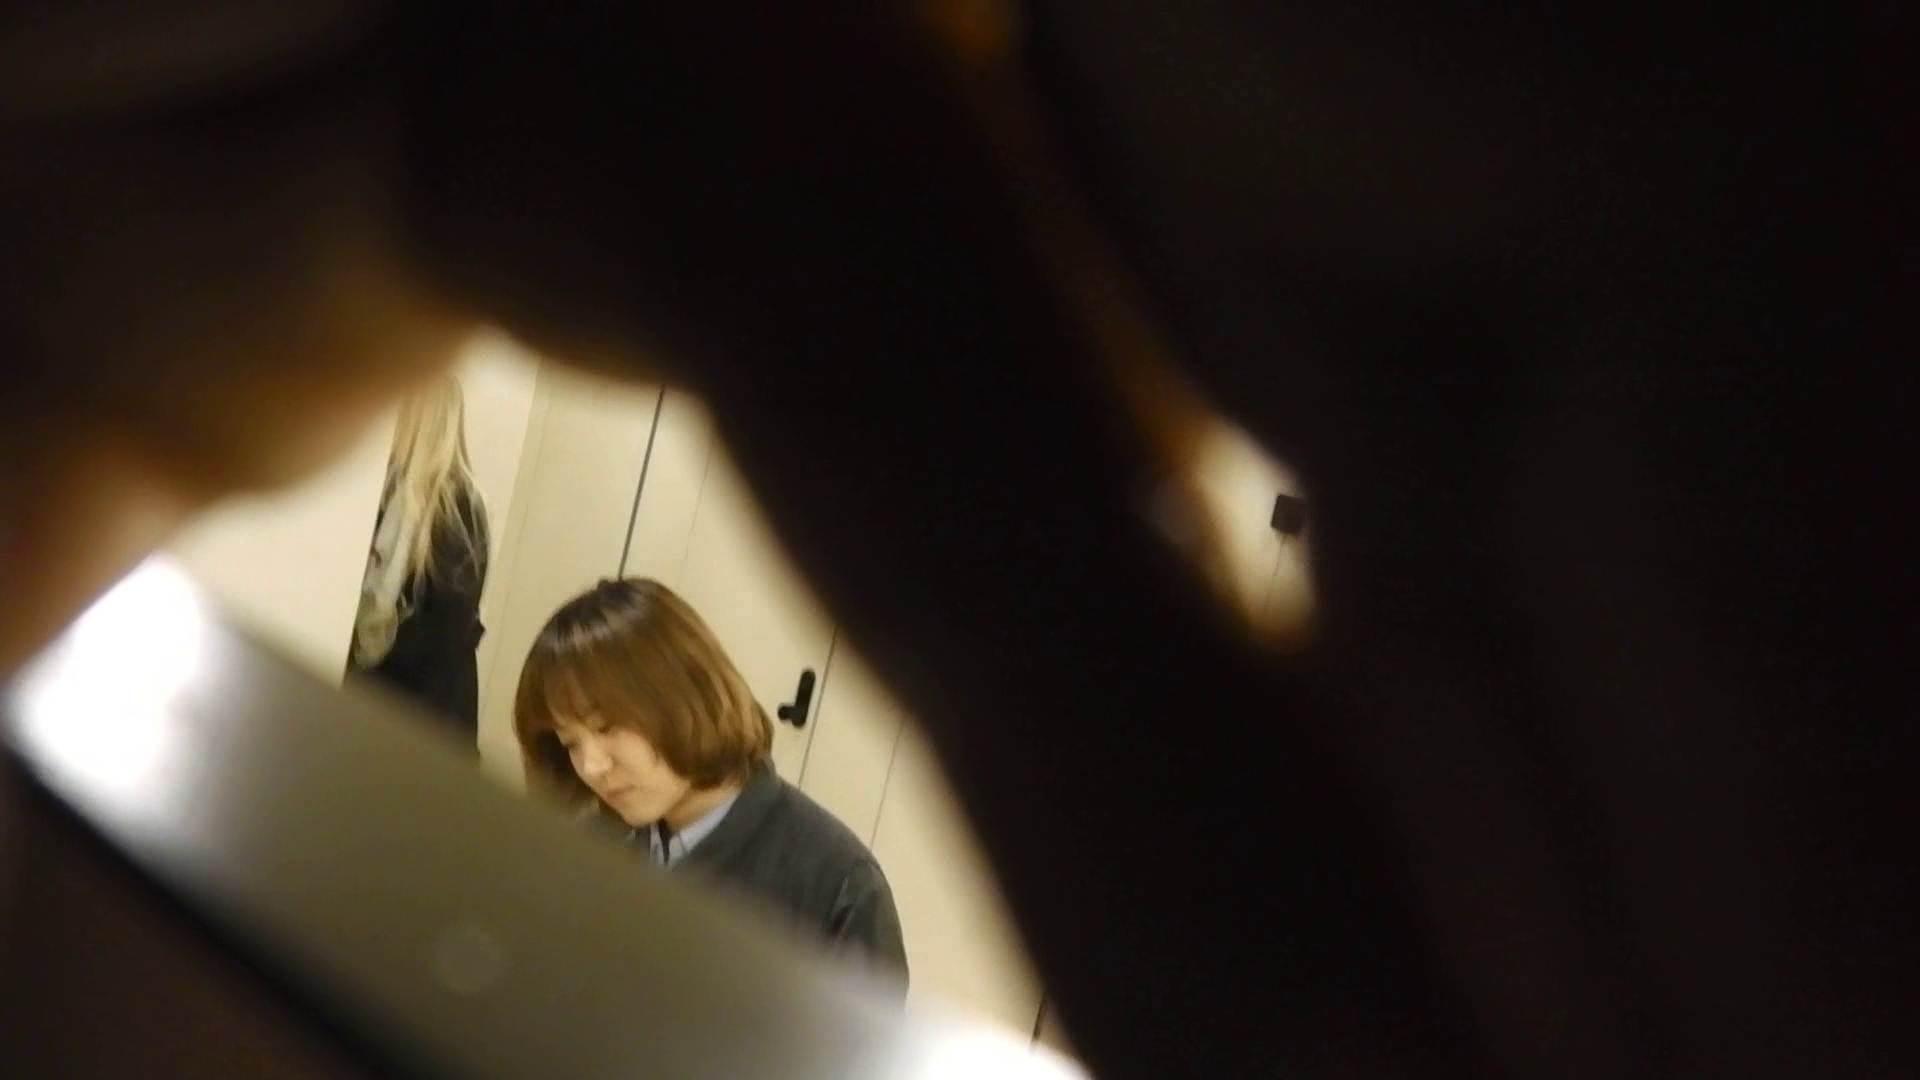 世界の射窓から vol.41 ぼうしタンのアソコ 丸見え | 洗面所のぞき  91枚 76